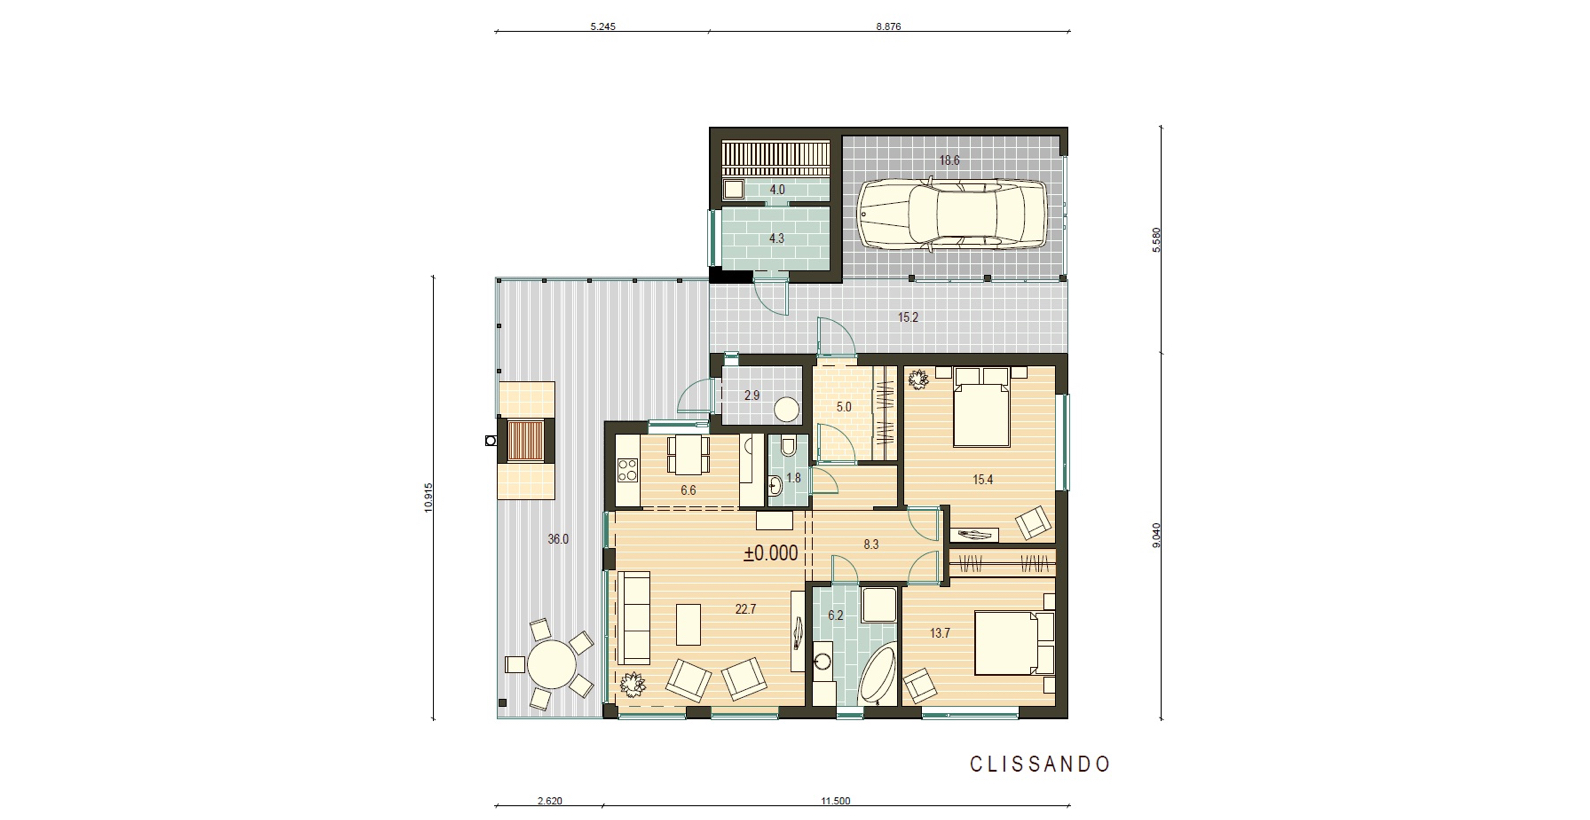 Planimetria della costruzione Casa in Legno modello Clissando di Estia House oü